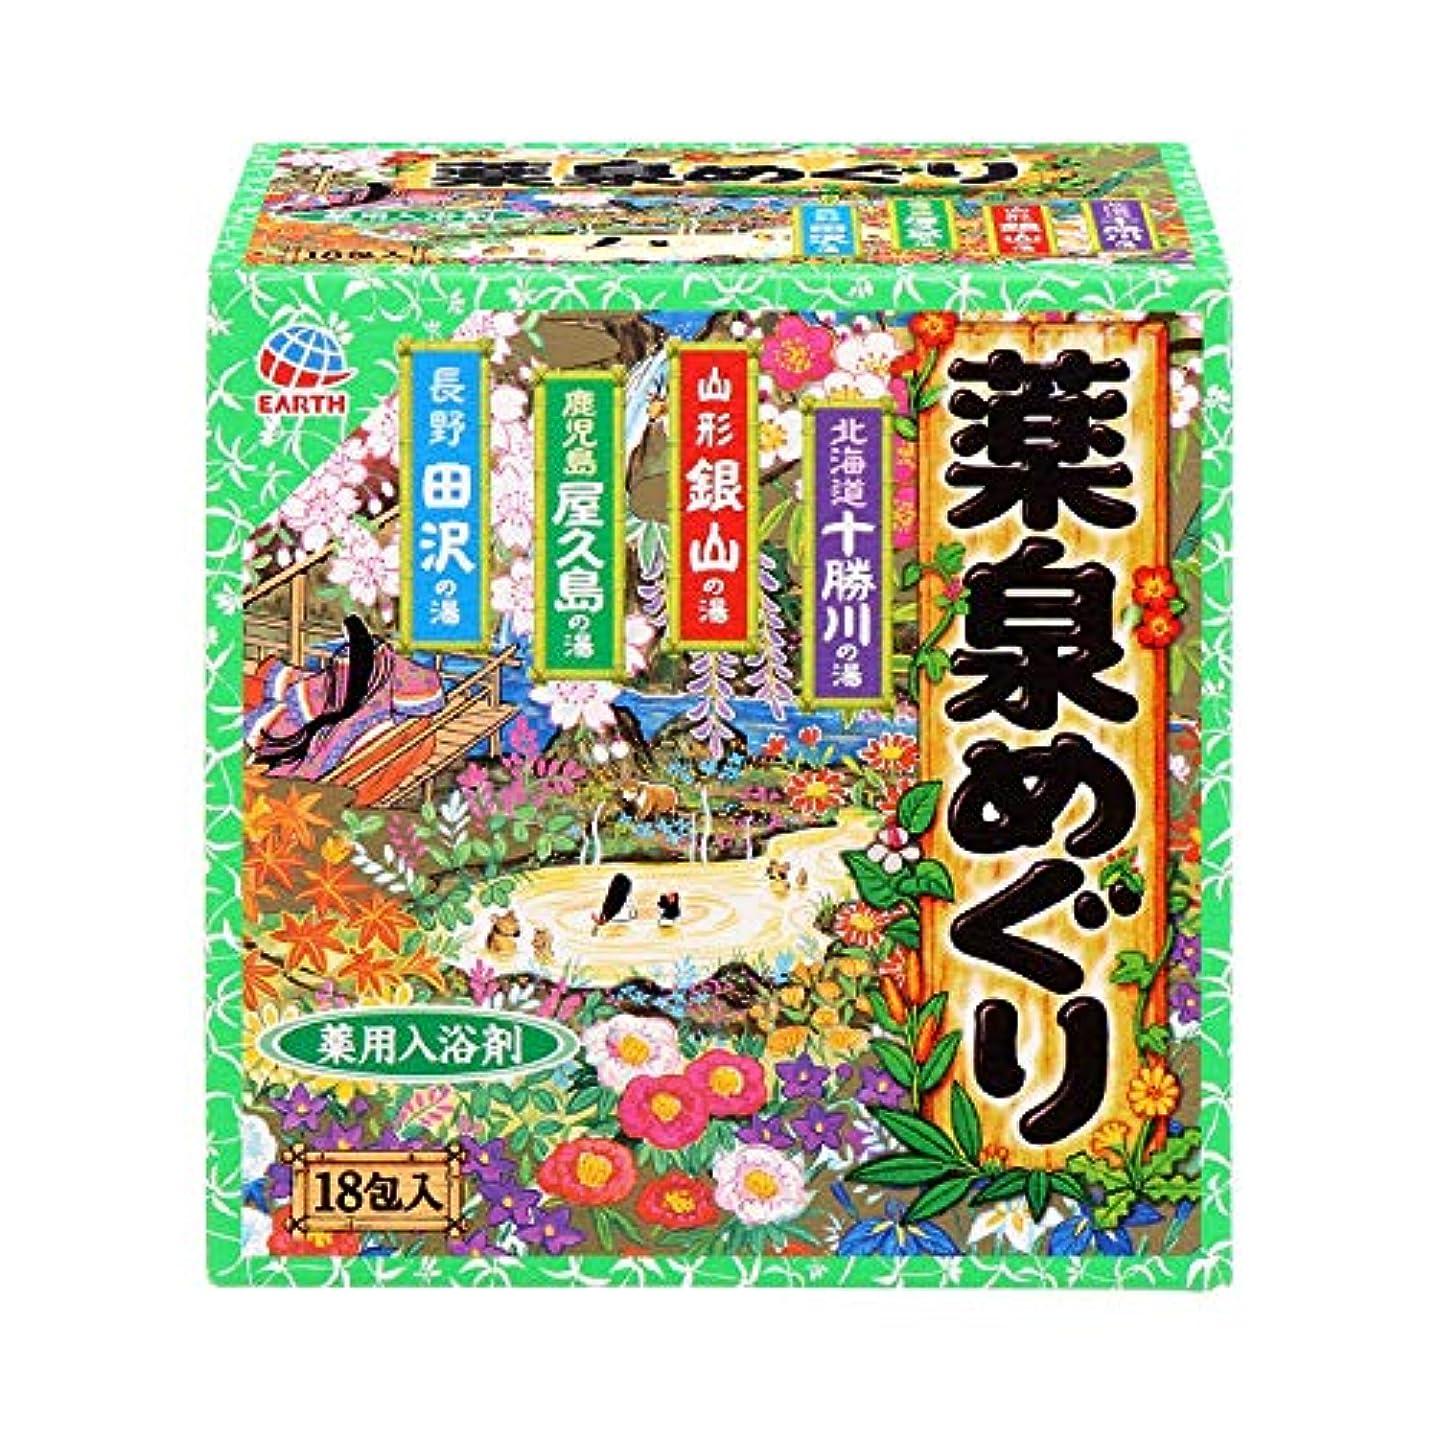 【アース製薬】薬泉めぐり 540g(30g*18包) ×3個セット